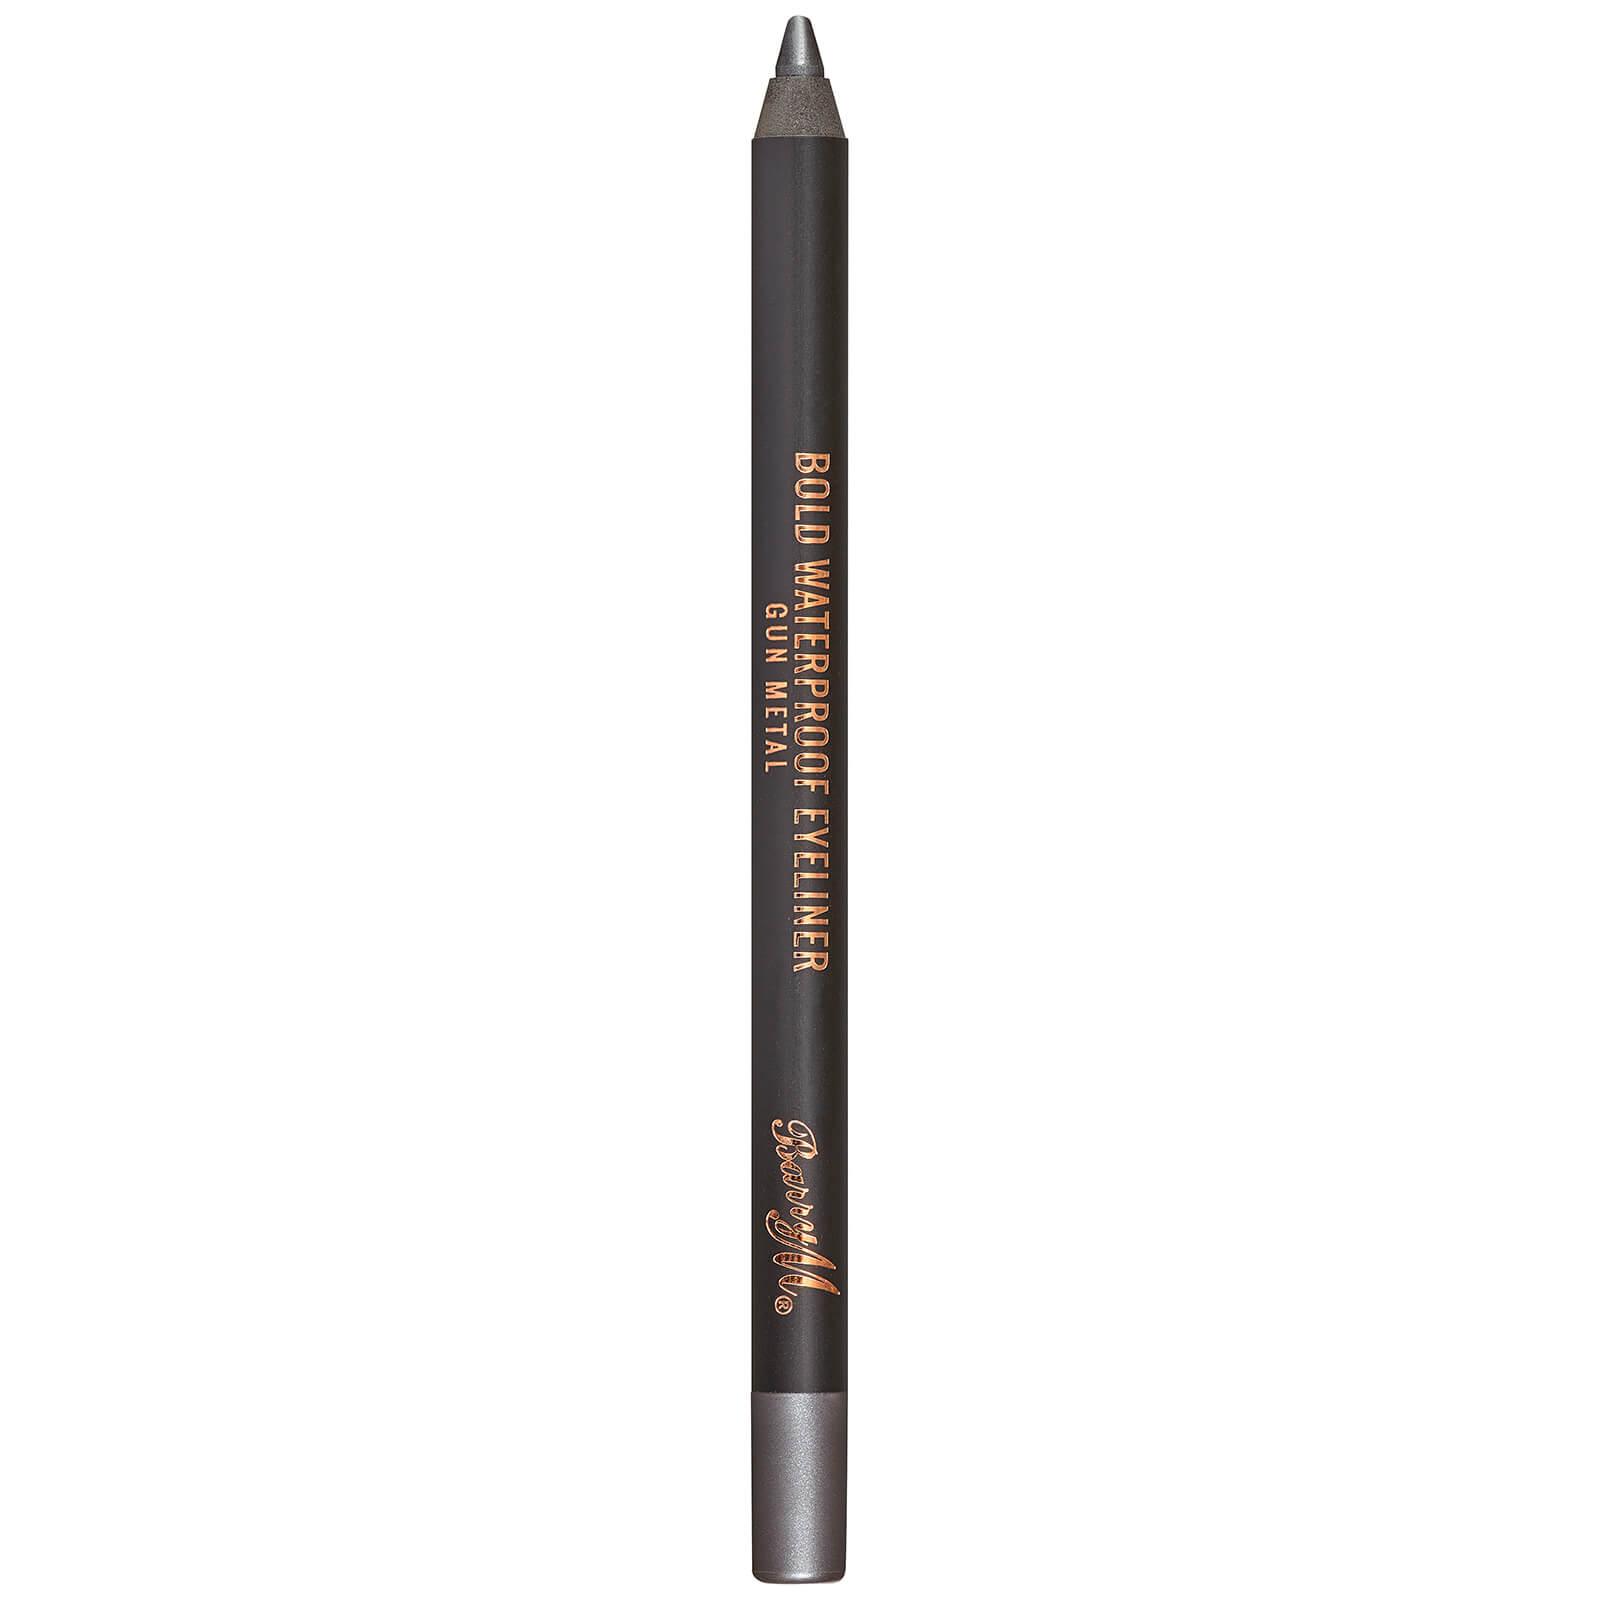 Barry M Cosmetics Bold Waterproof Eyeliner (Various Shades) - Gun Metal